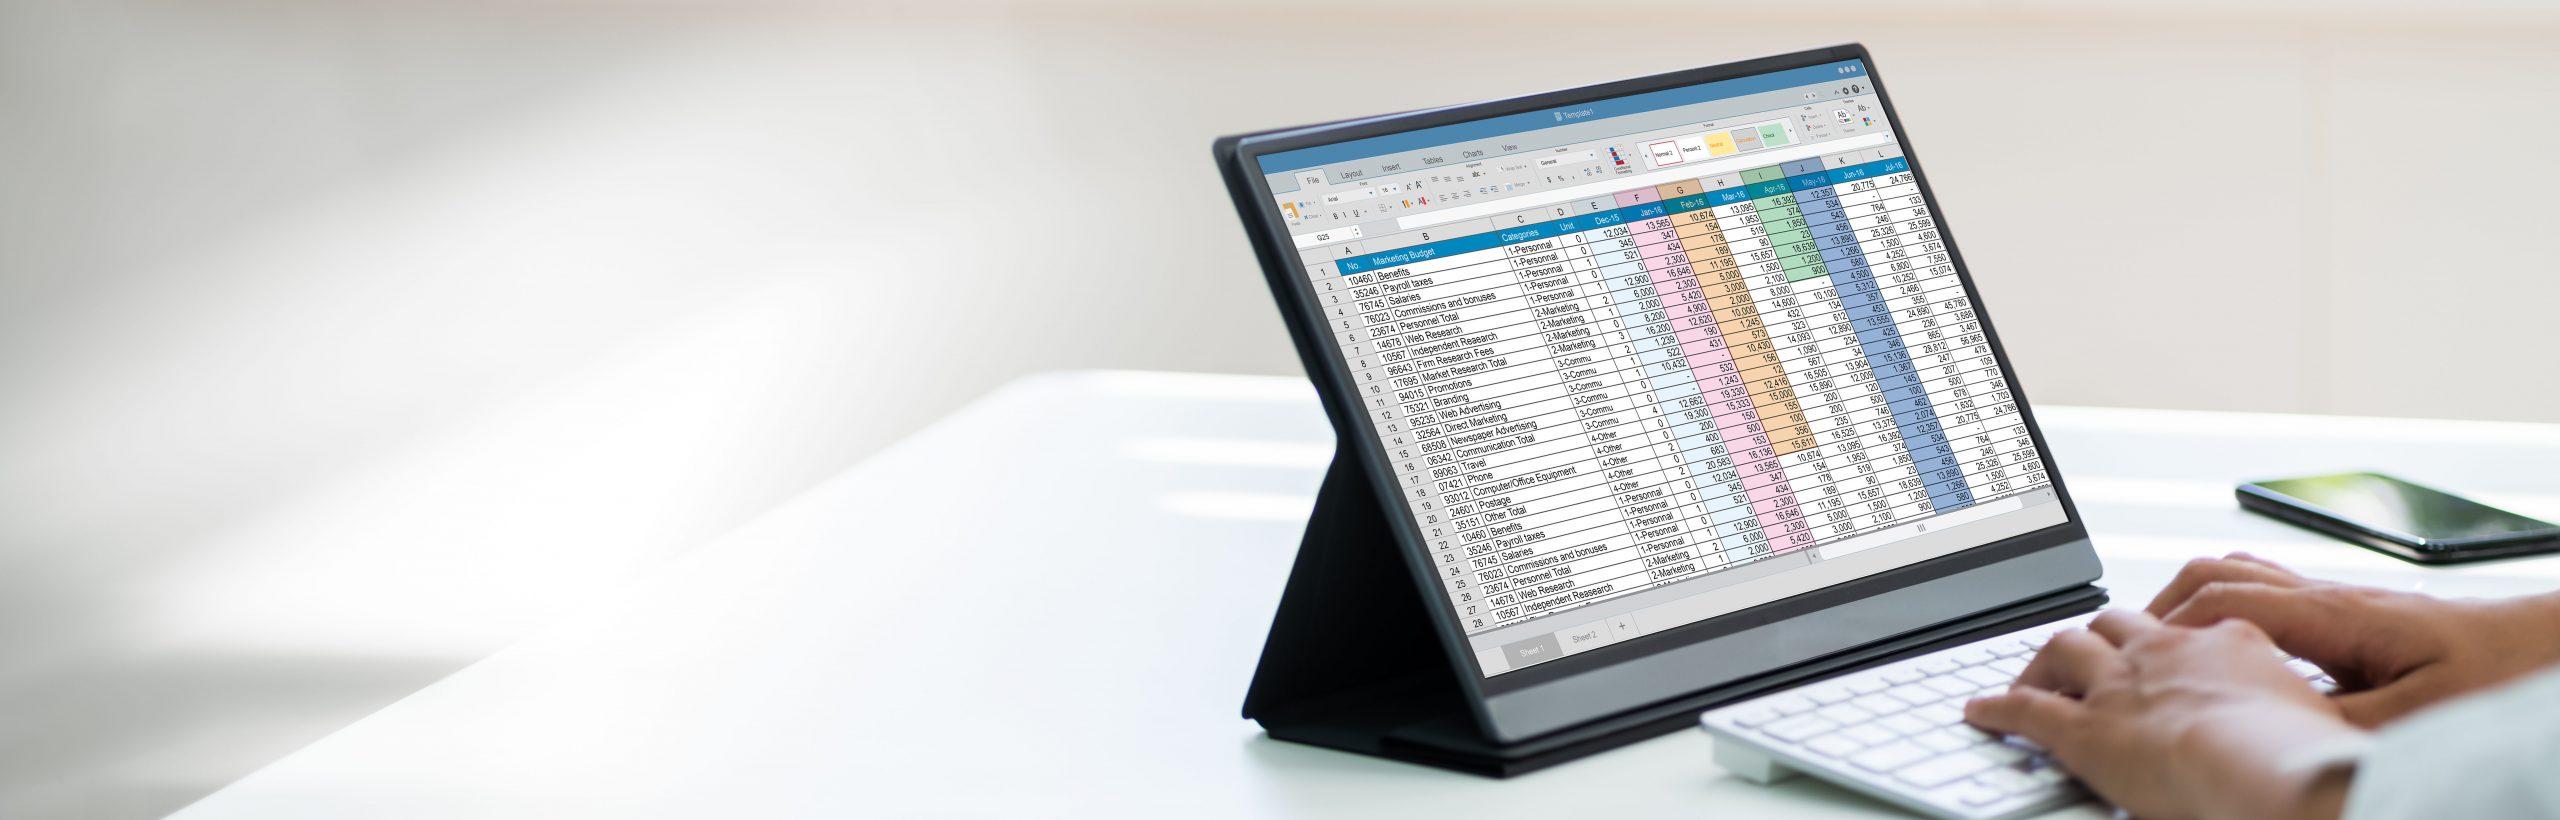 Corso di Microsoft Excel - Livello Base